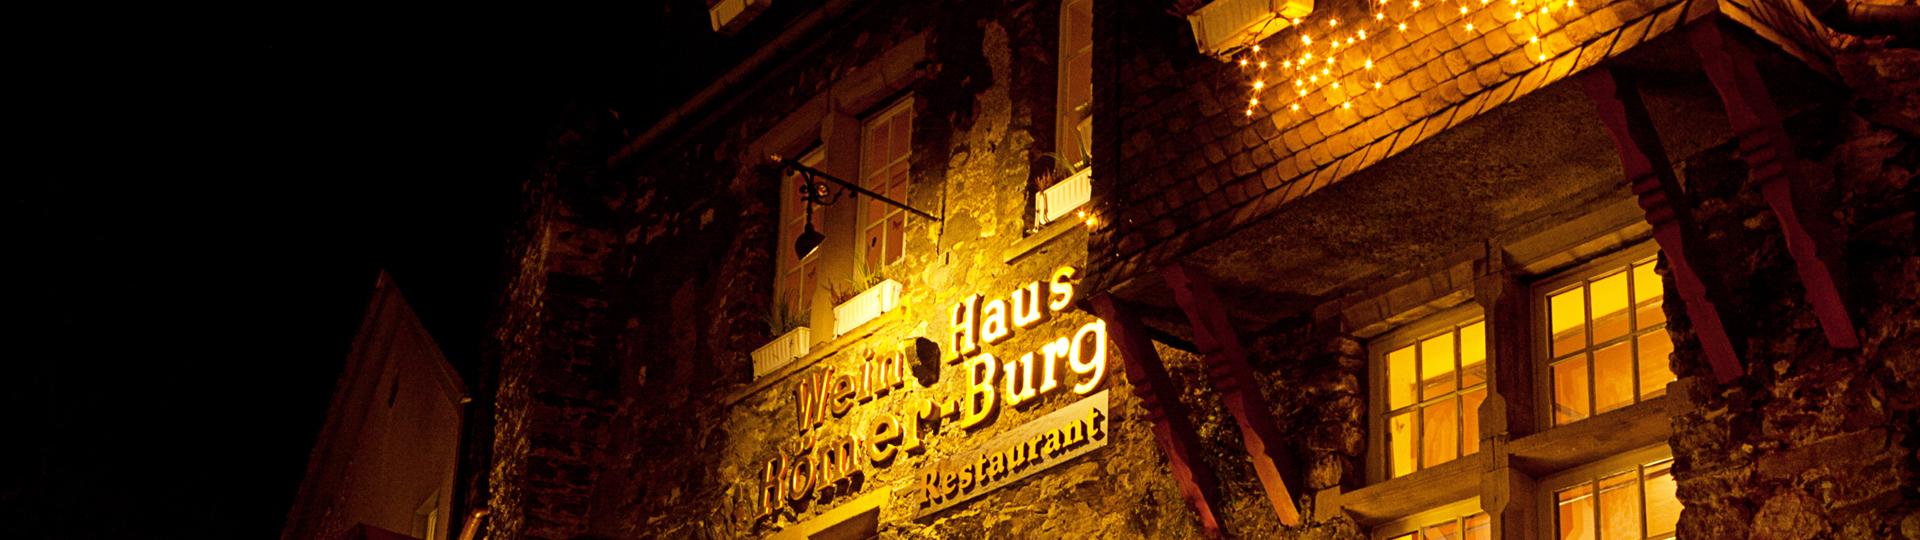 Weinhaus & Restaurant Römerburg bei Nacht